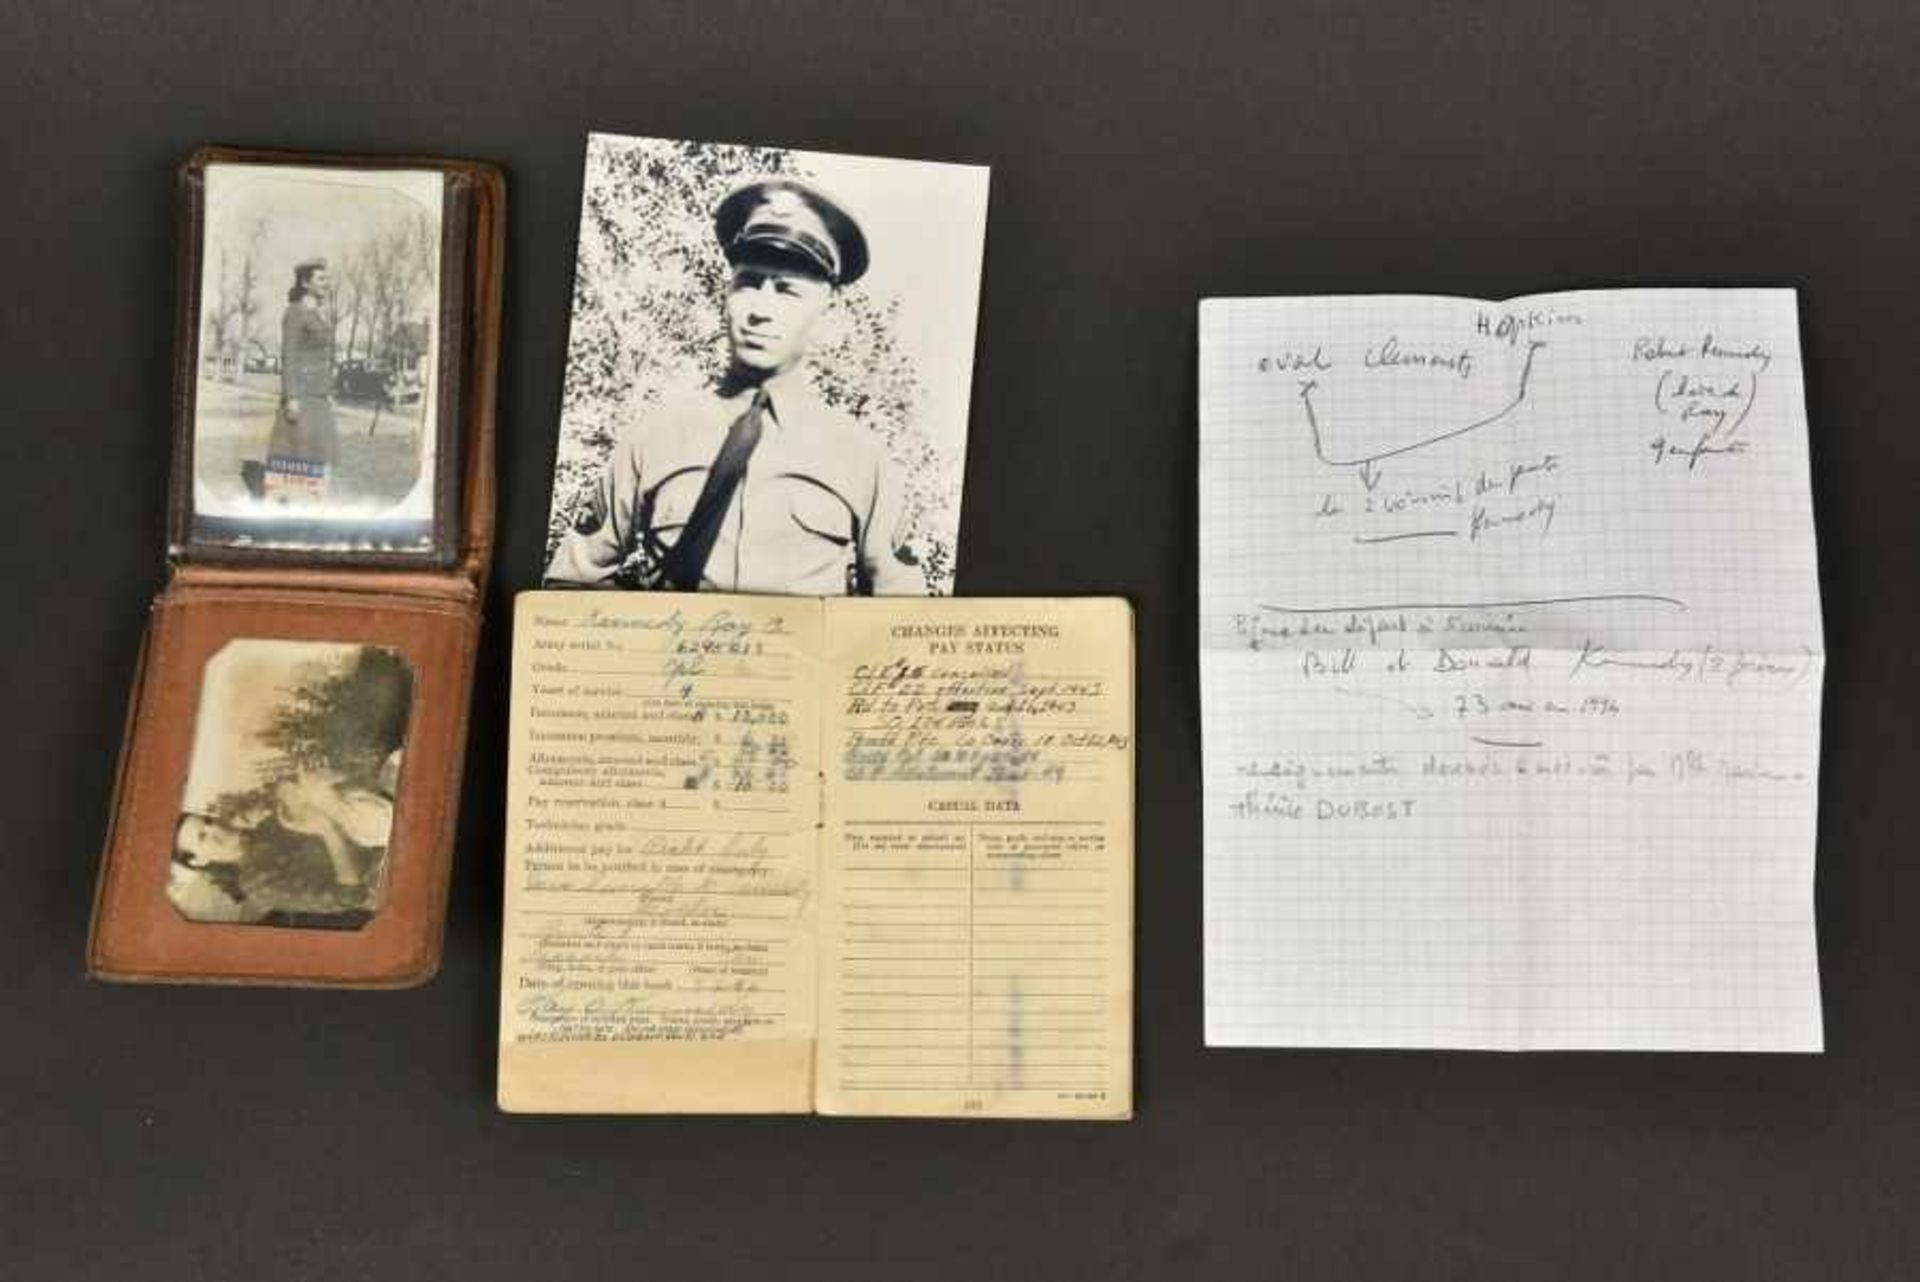 Portefeuille de Ray Kennedy Compagnie E du 507th PIR de la 82ème Airborne. Pocket book belonging